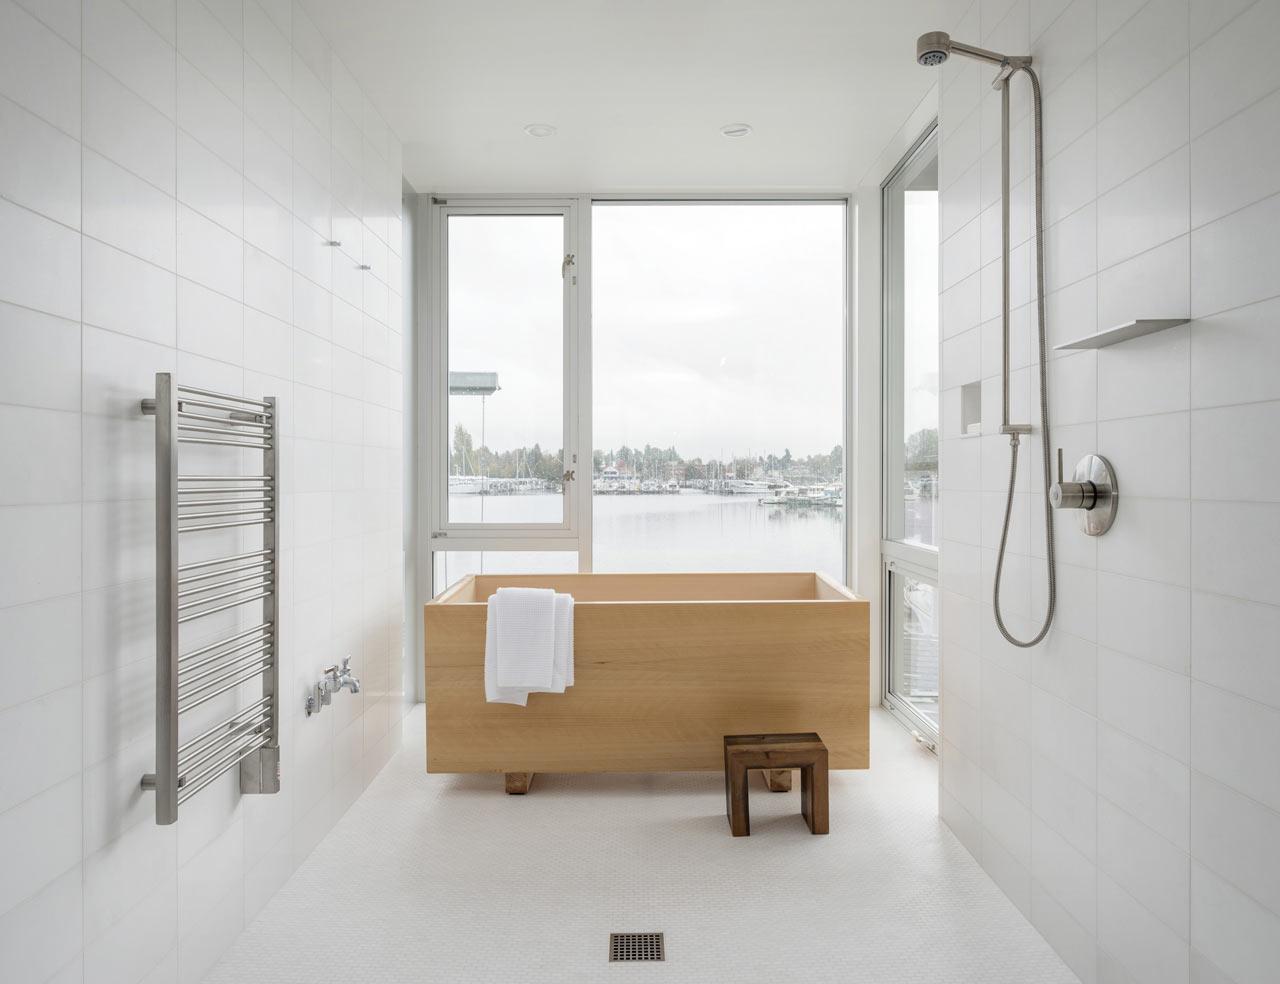 Ванная комната в современном стиле минимализм